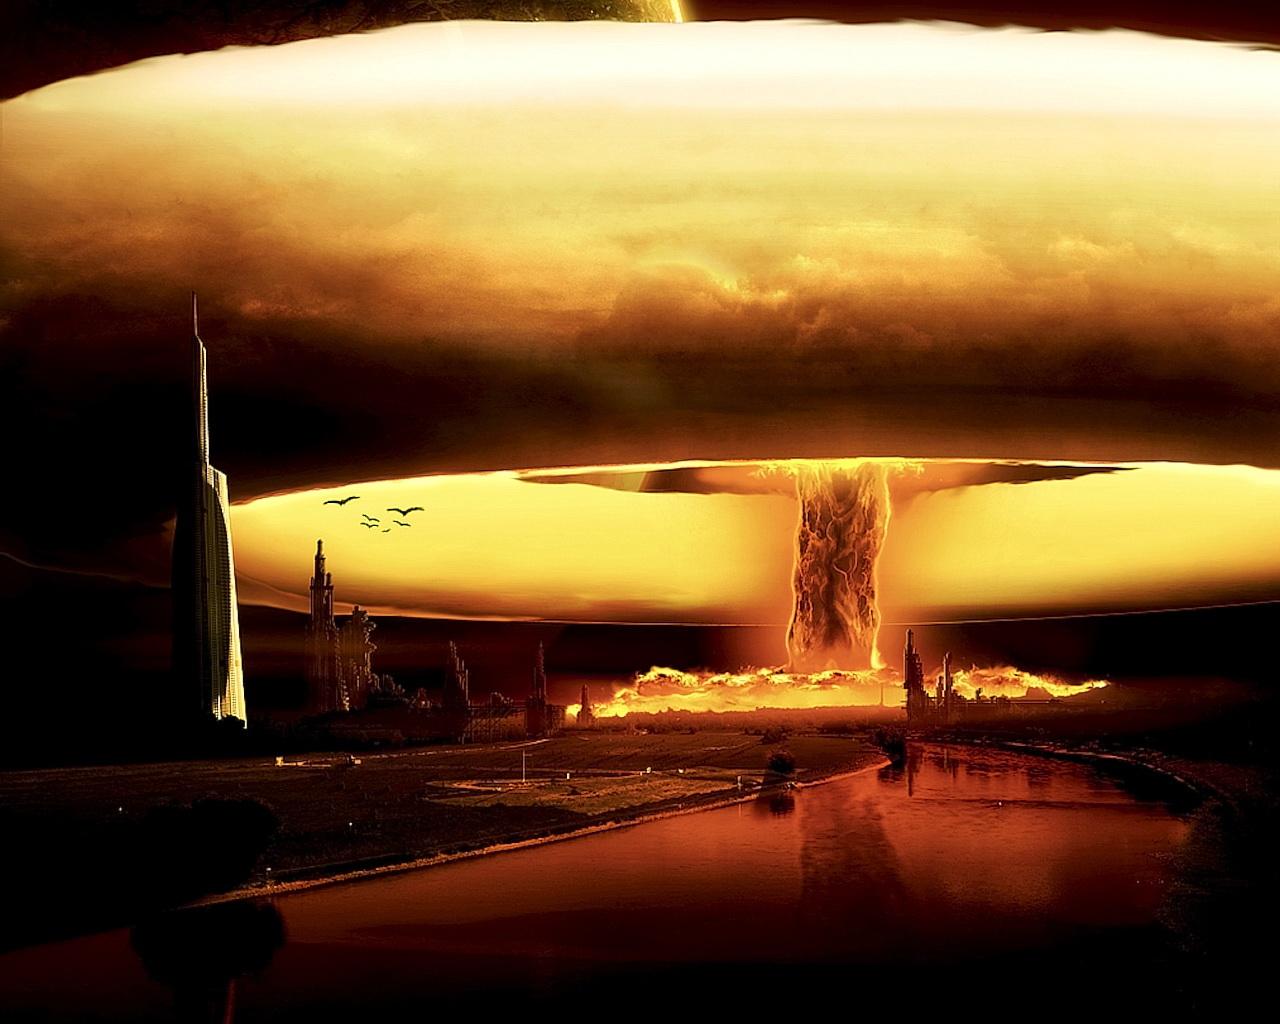 http://1.bp.blogspot.com/_bBlNFyLU7Ik/S9WlXTPceLI/AAAAAAAAAjo/X1yTWnBvJGk/s1600/Nuclear%25252Bexplosion.jpg